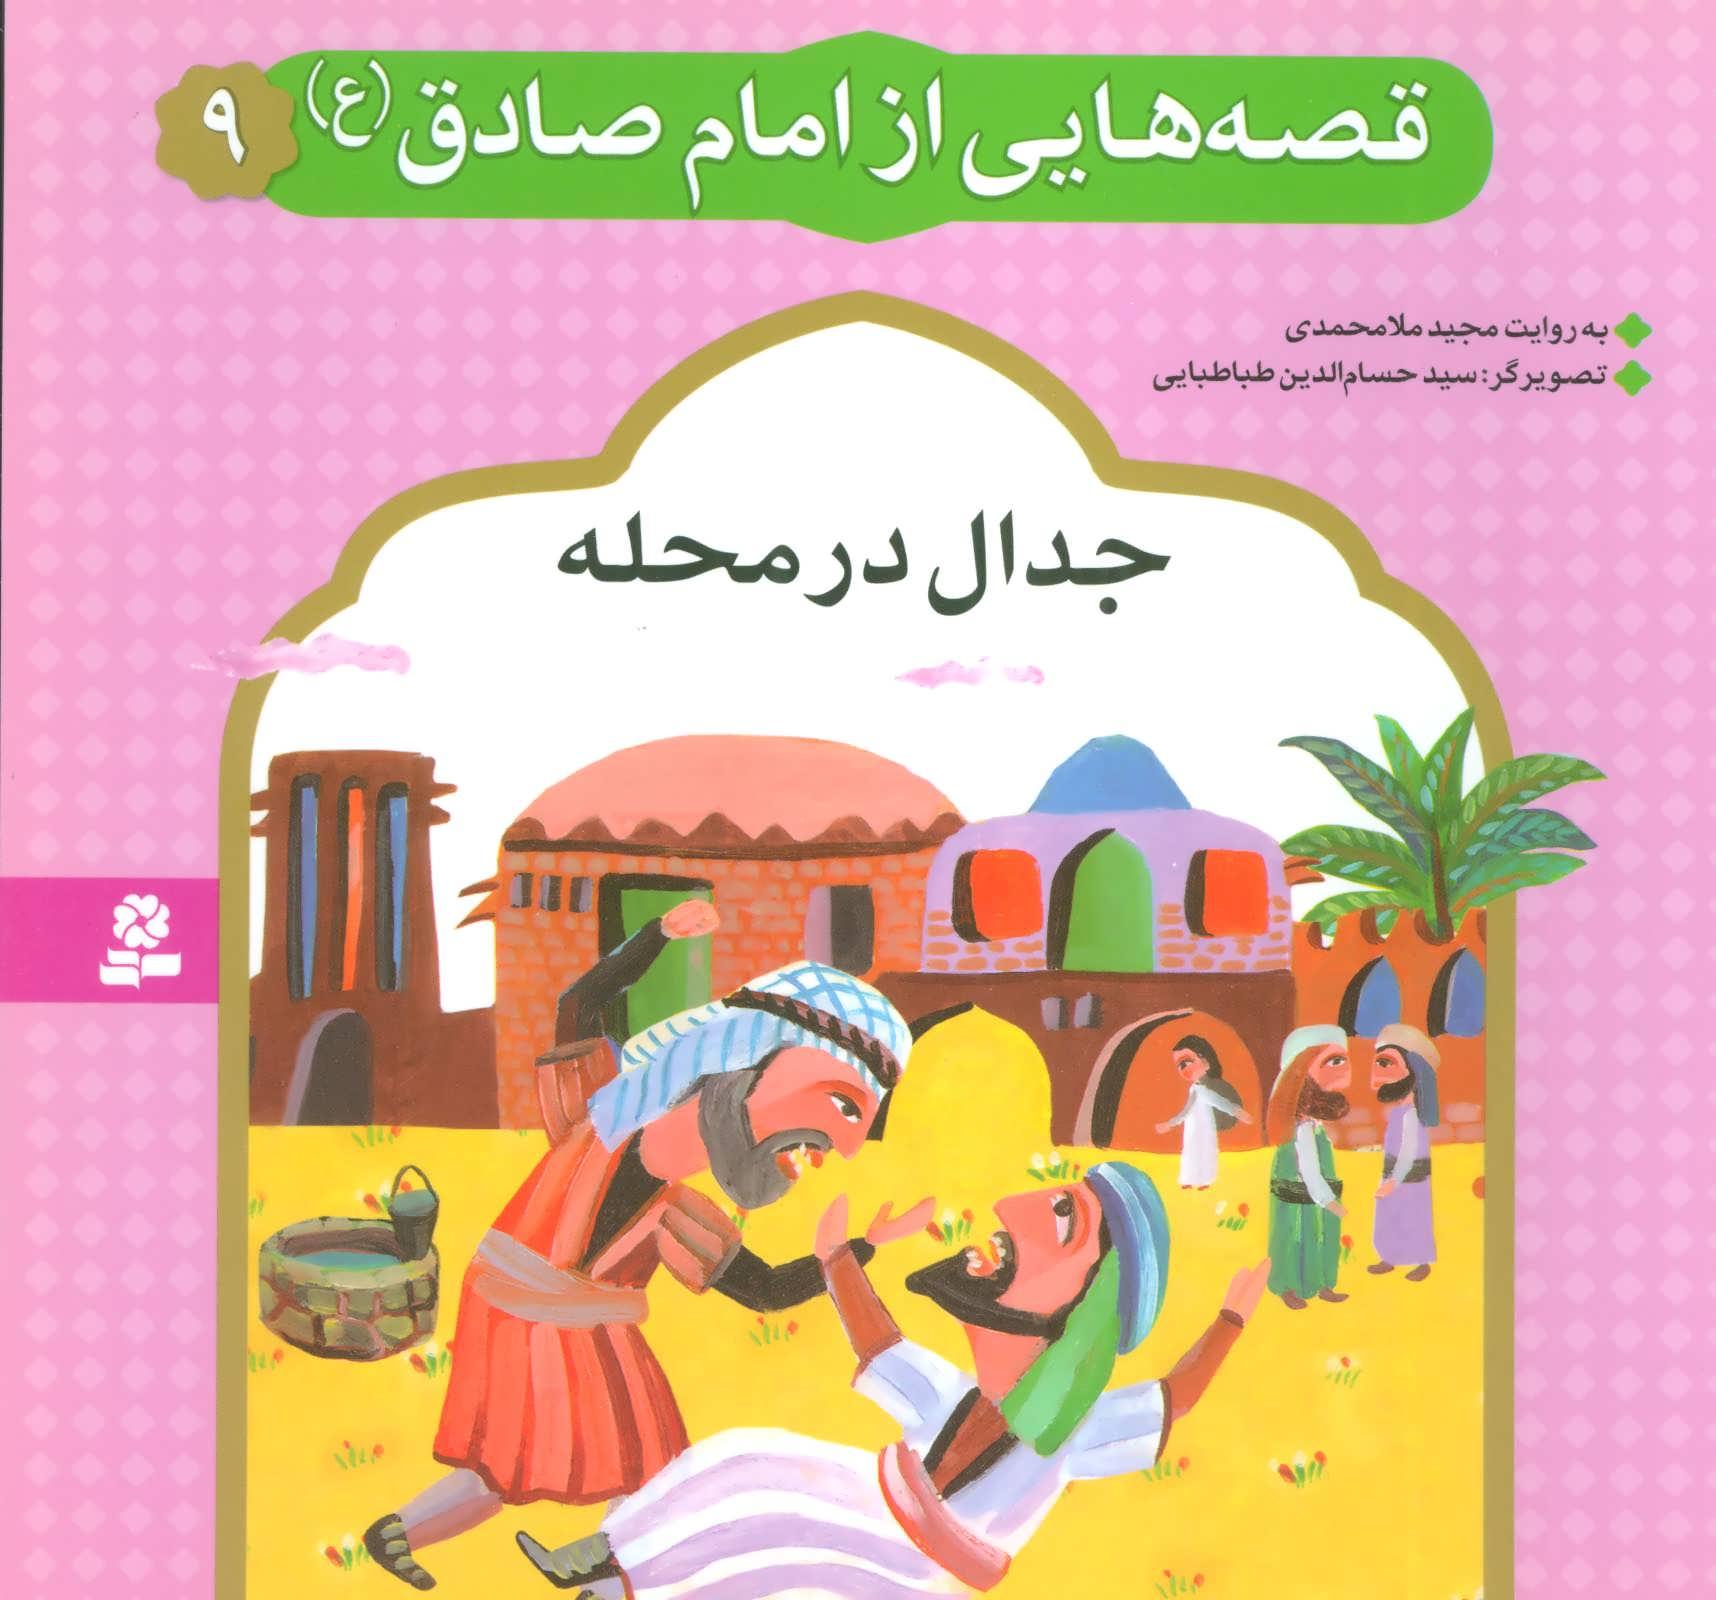 قصه هایی از امام صادق (ع) 9 (جدال در محله)،(گلاسه)